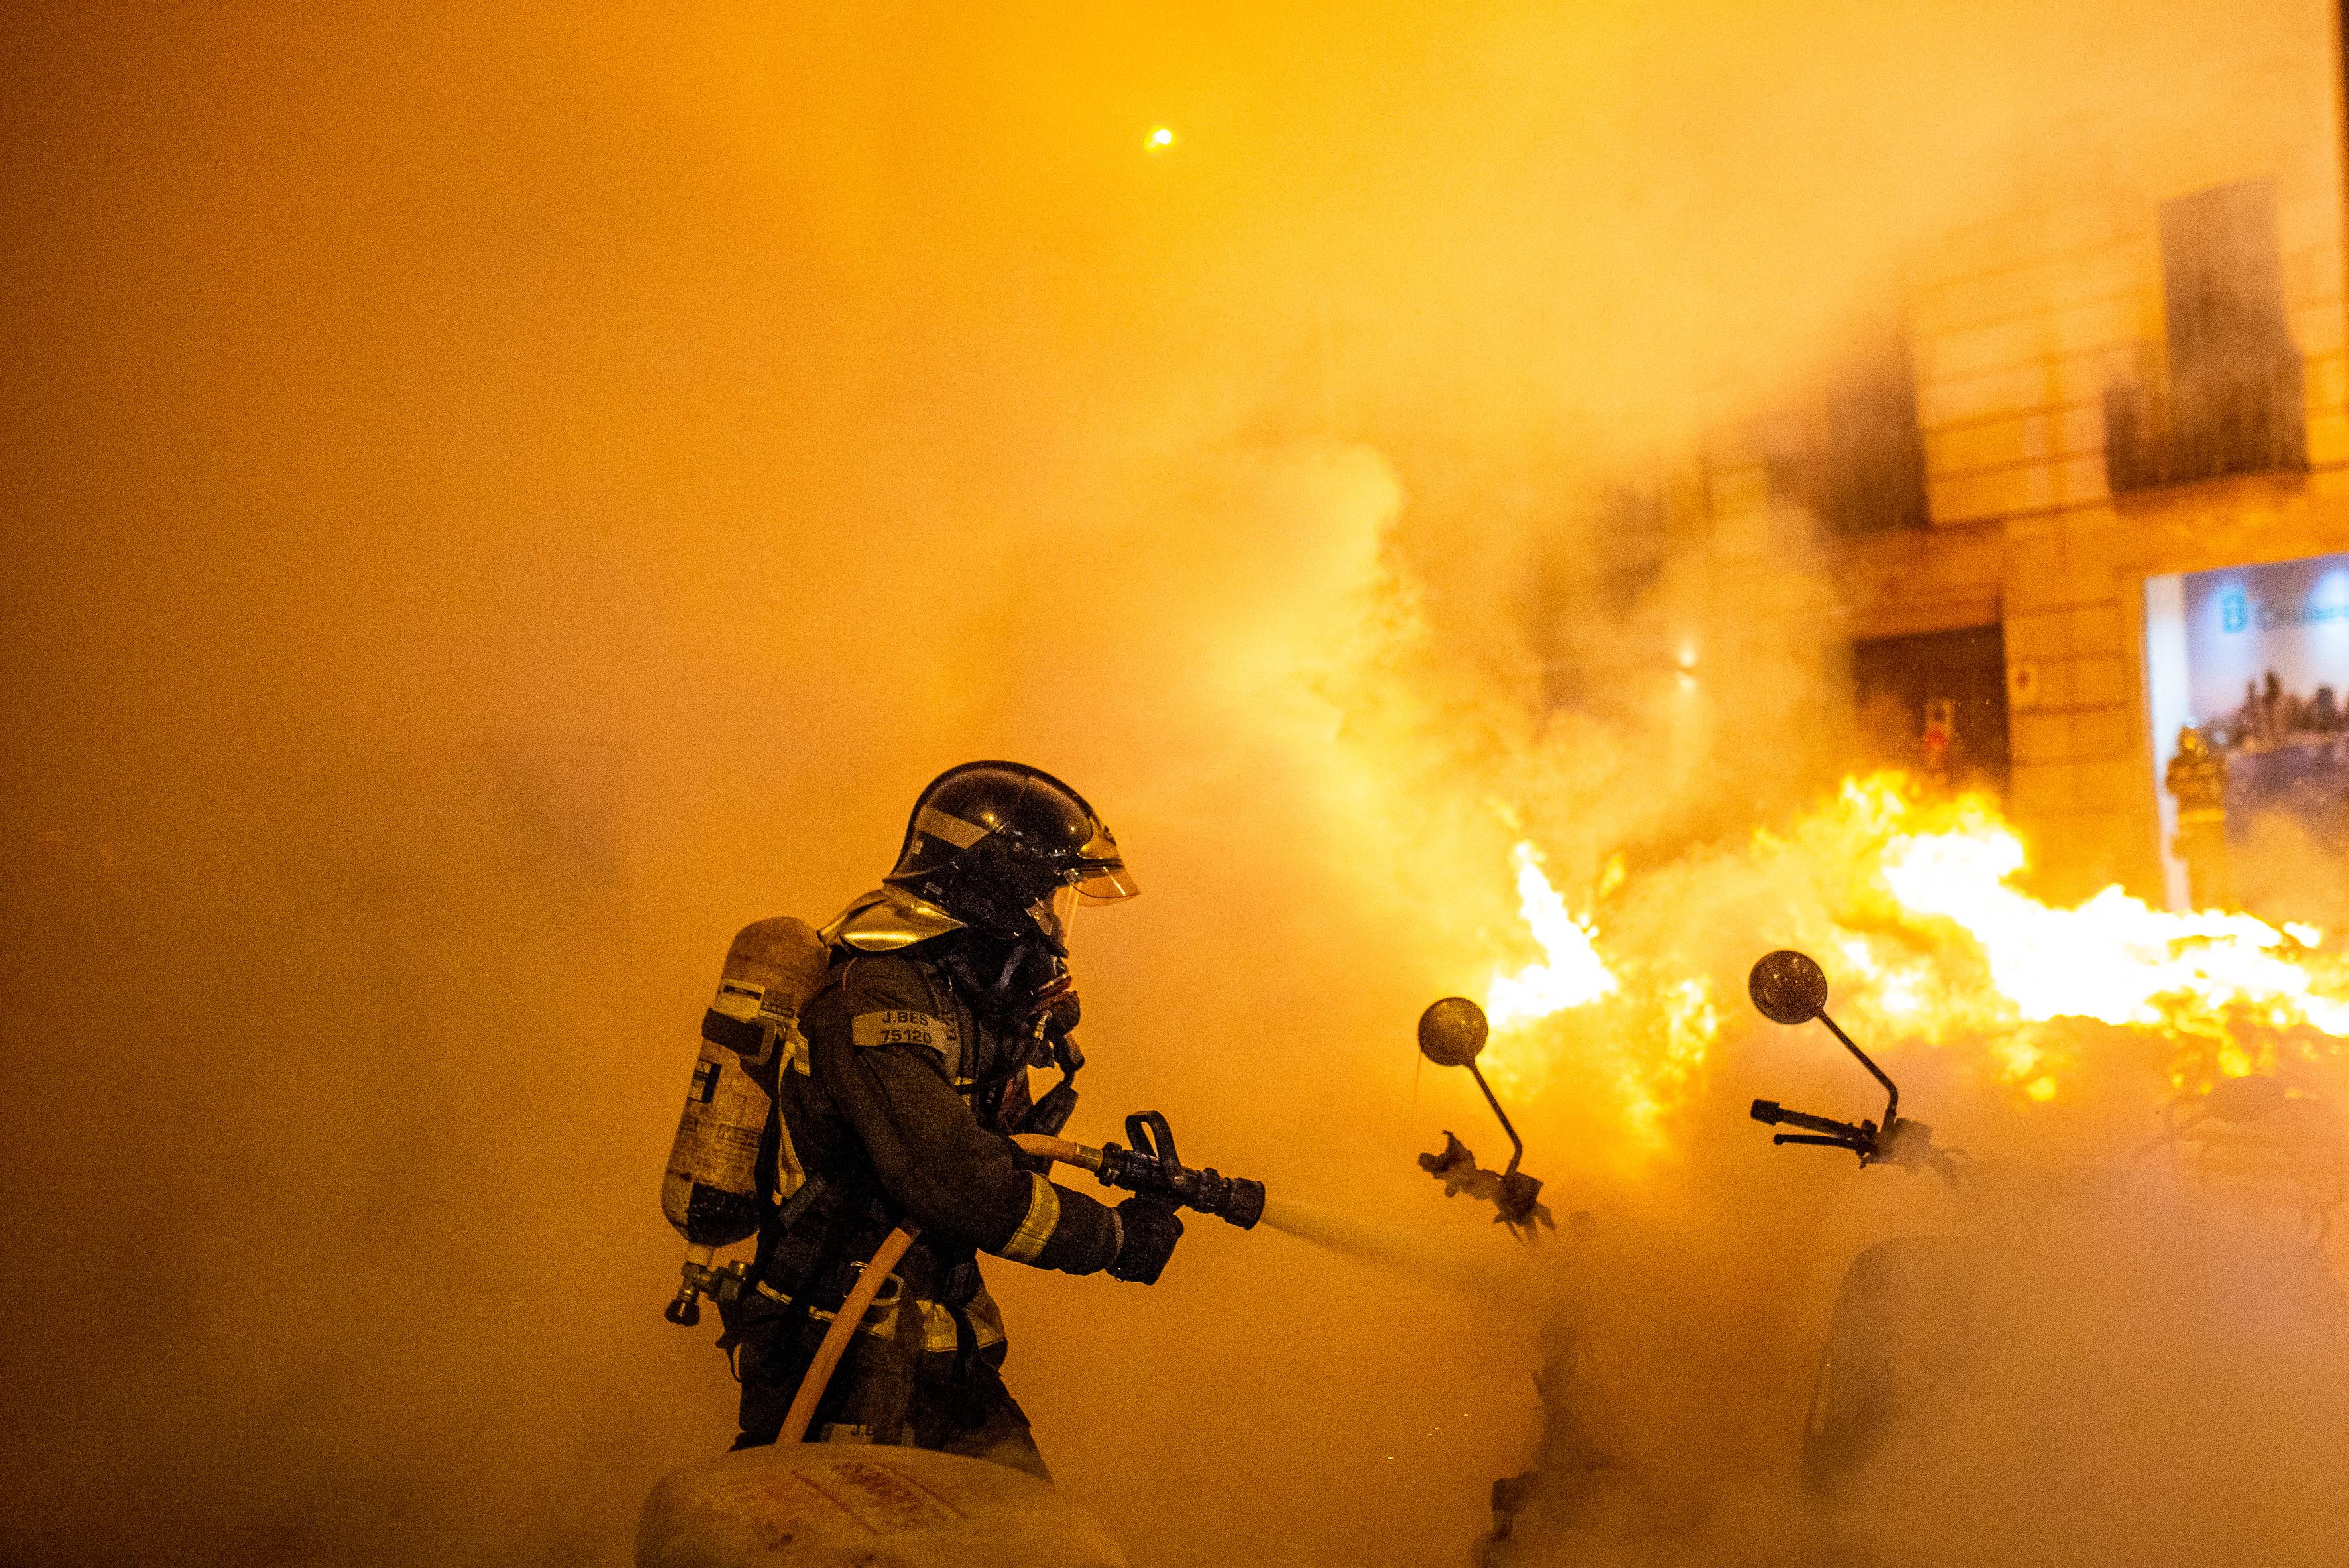 Erőszakba torkolltak a tüntetések, amiket egy katalán rapper bebörtönzése robbantott ki